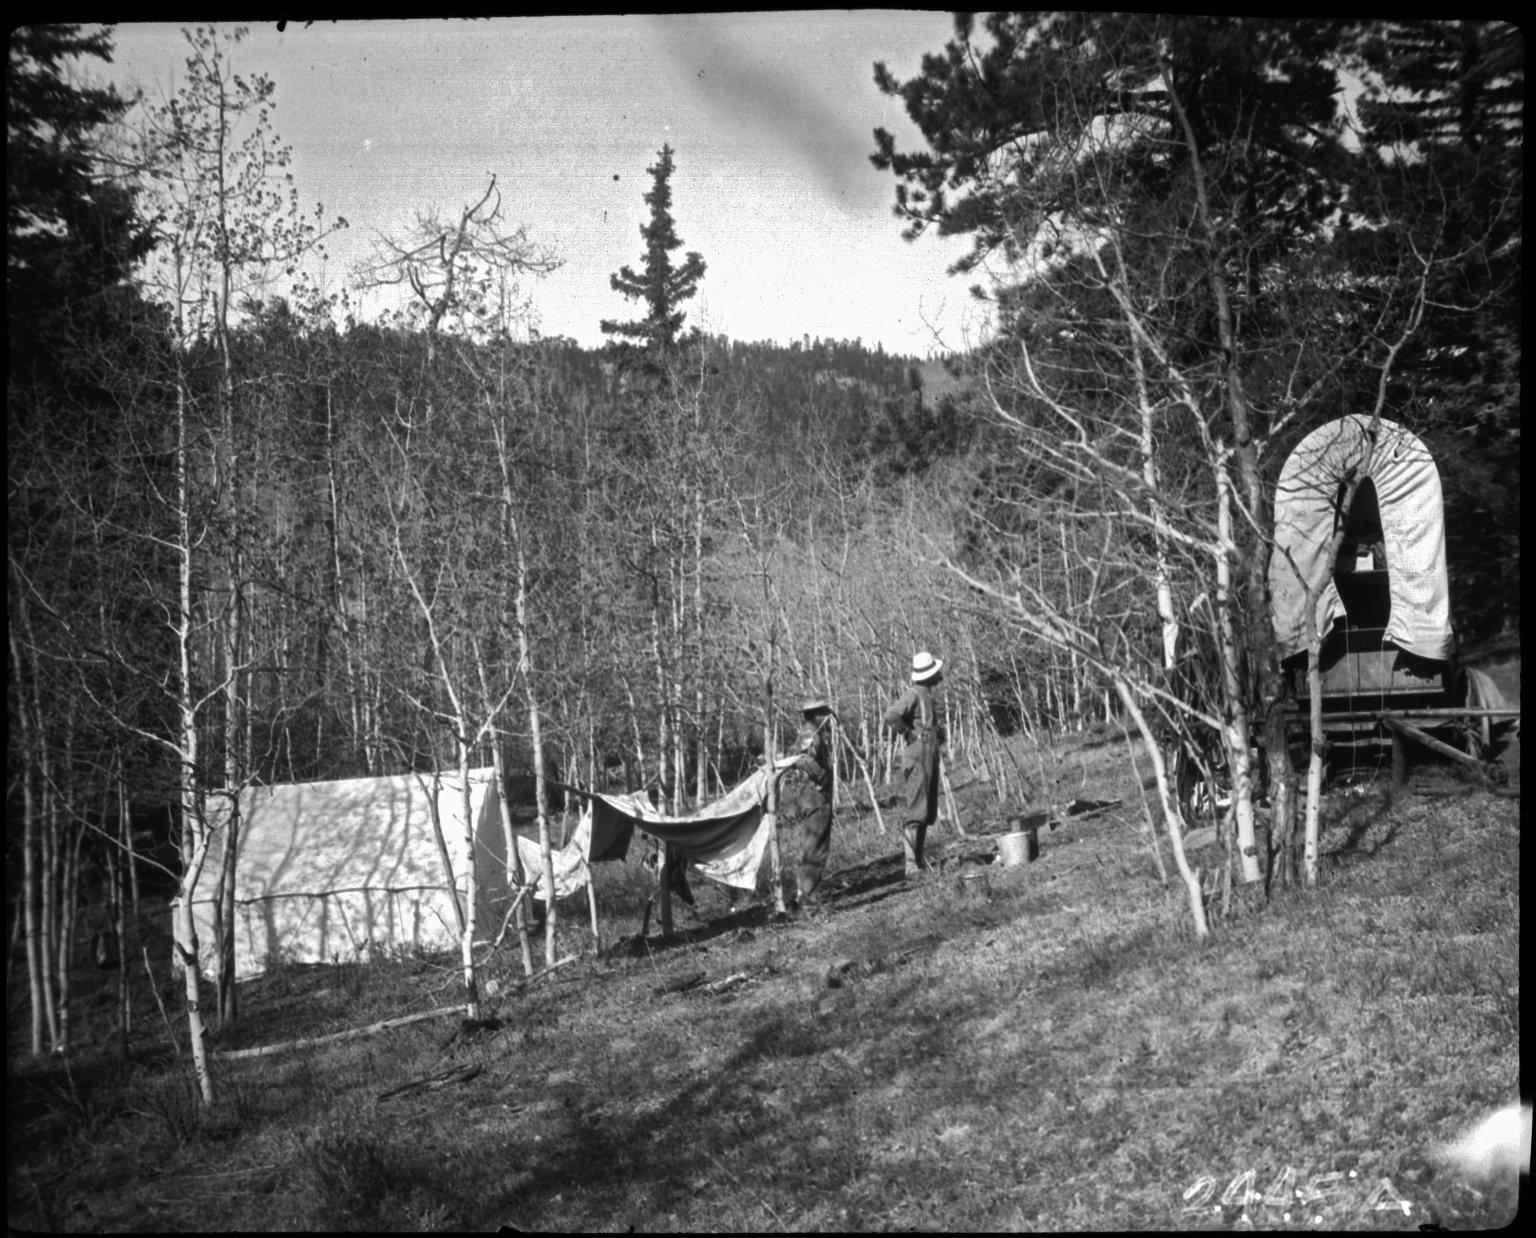 Camp at Evan's Ranch